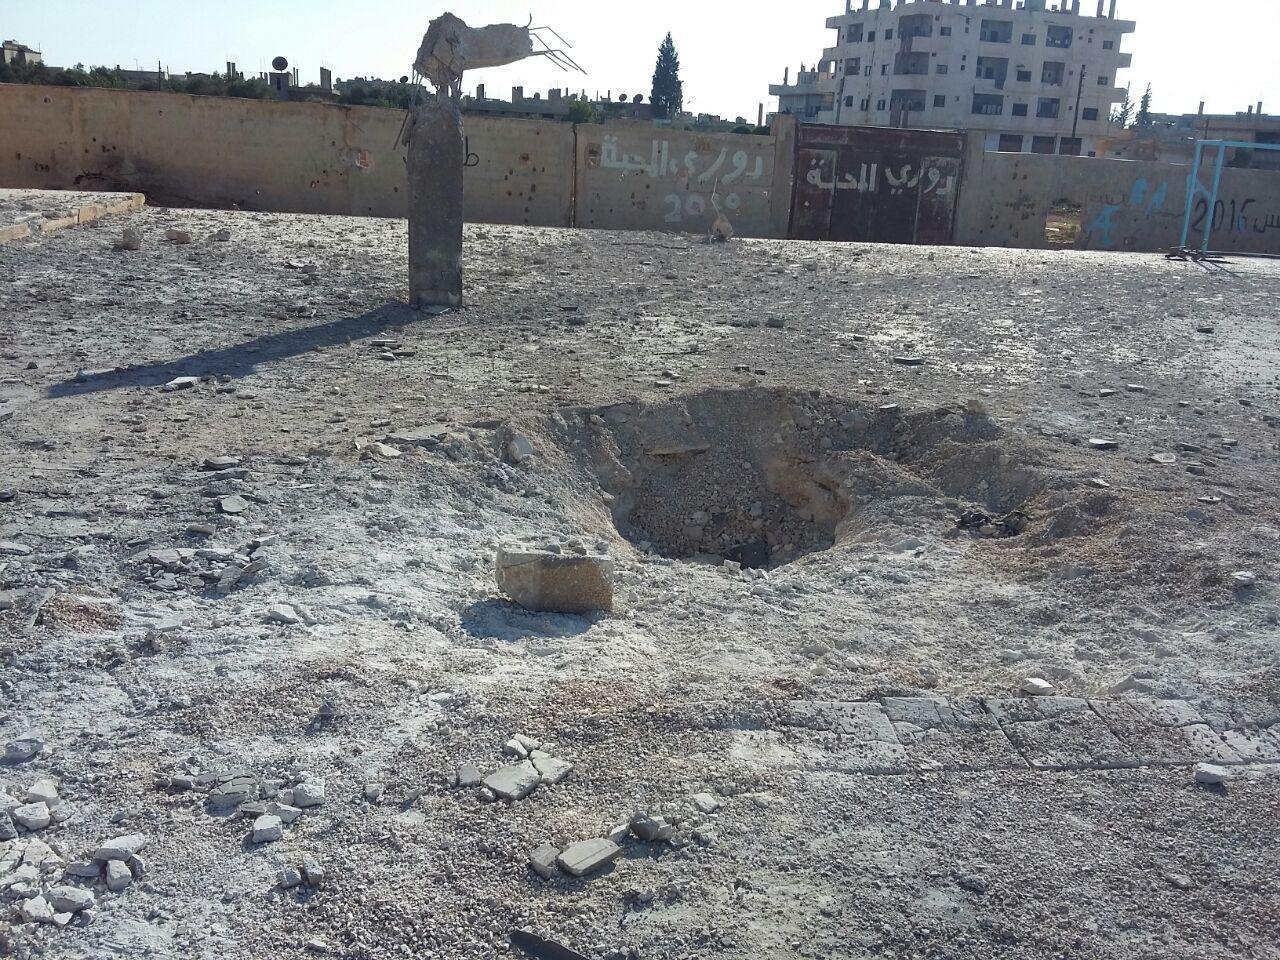 الحفرة التي خلفتها الغارة الجوية السورية-الروسية في 14 يونيو/حزيران 2017 في ساحة مدرسة الشهيد كيوان. 7 من أصل 8 ضحايا، بينهم طفل، ينتمون إلى عائلة نازحة كانت تتخذ من المدرسة ملجأ.